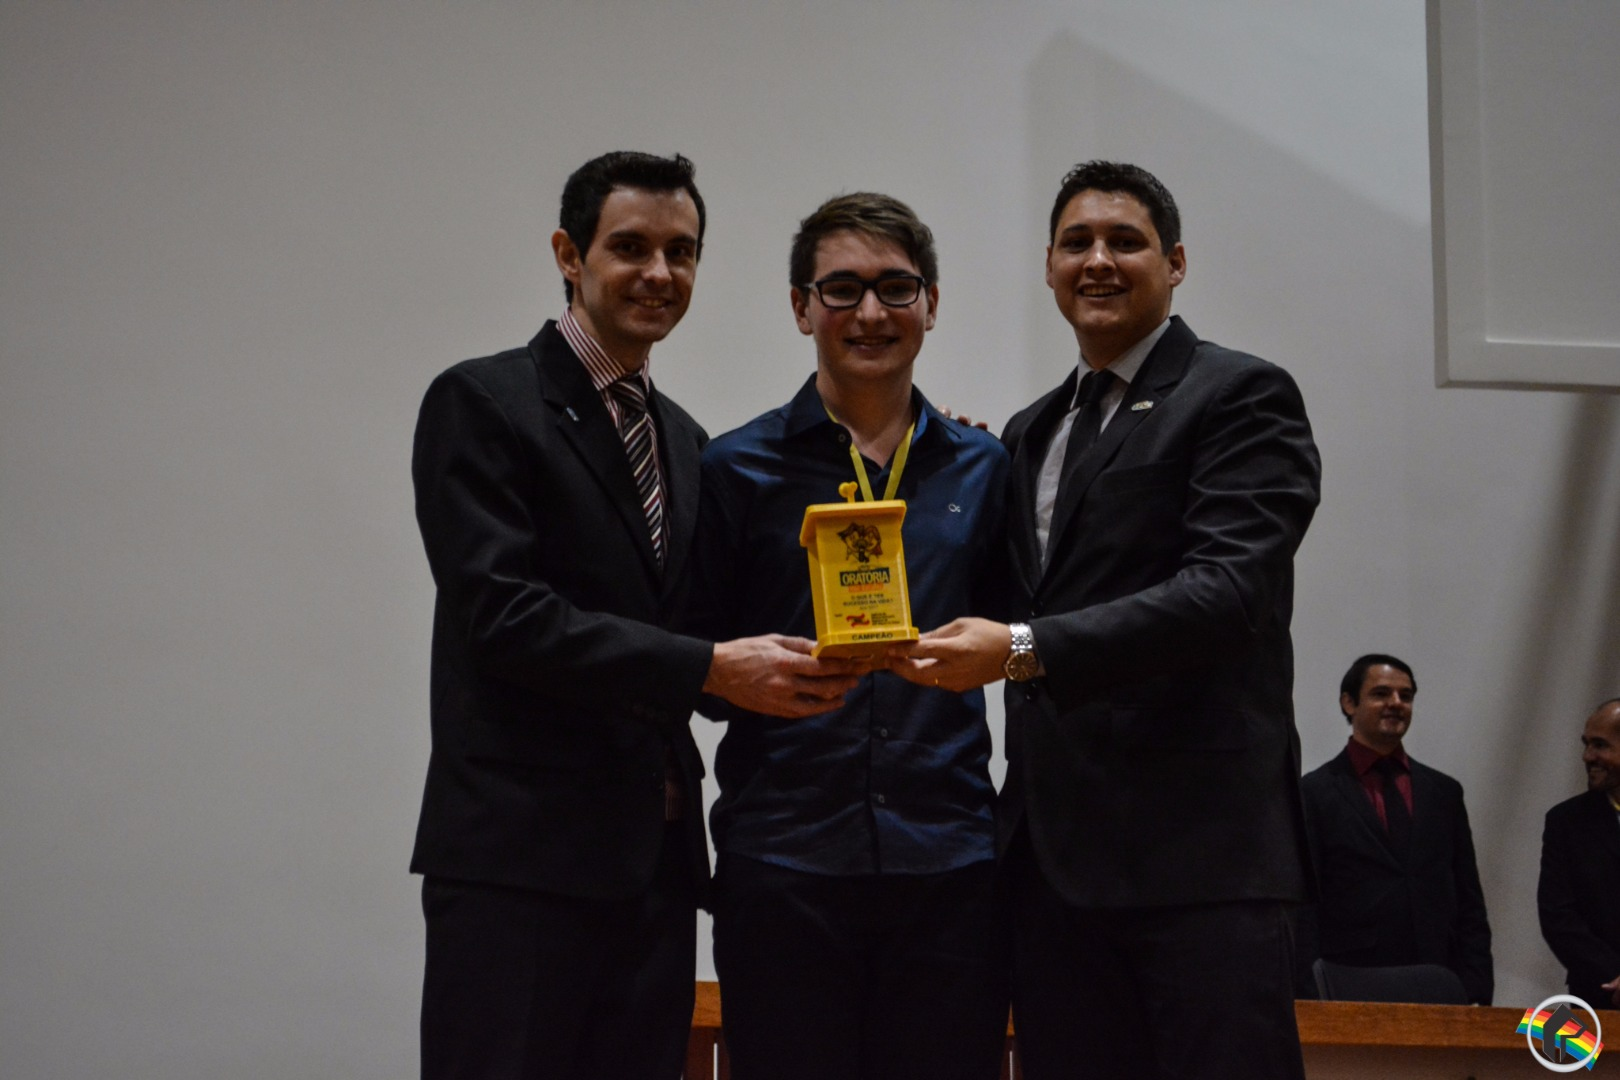 VÍDEO: Alunos do Colégio JMJ vencem o Concurso de Oratória da JCI